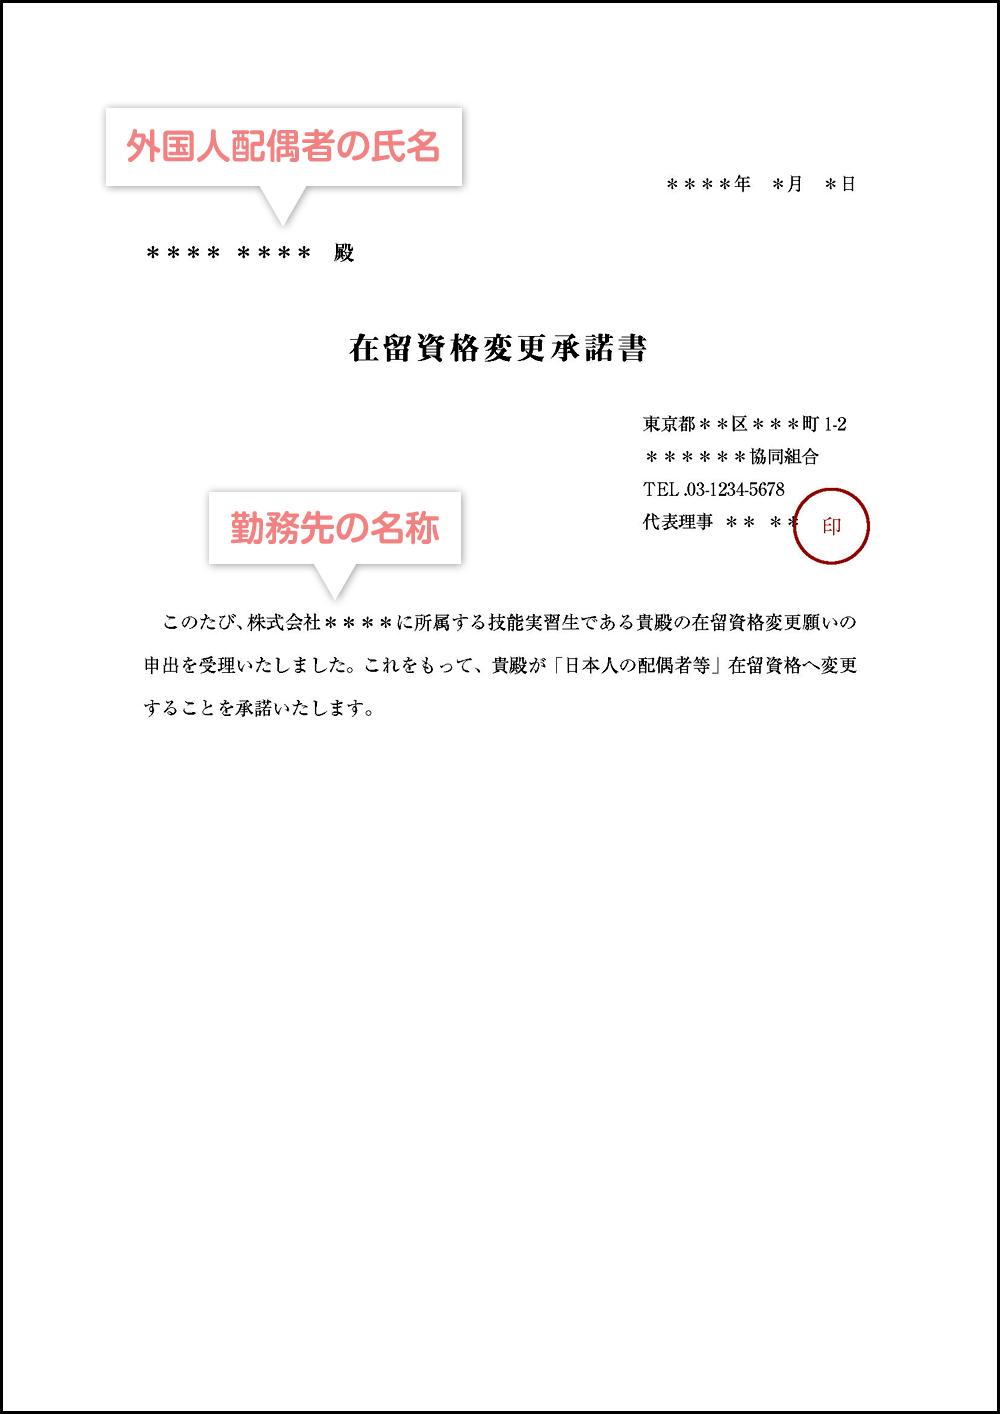 在留資格変更承諾書(組合発行)